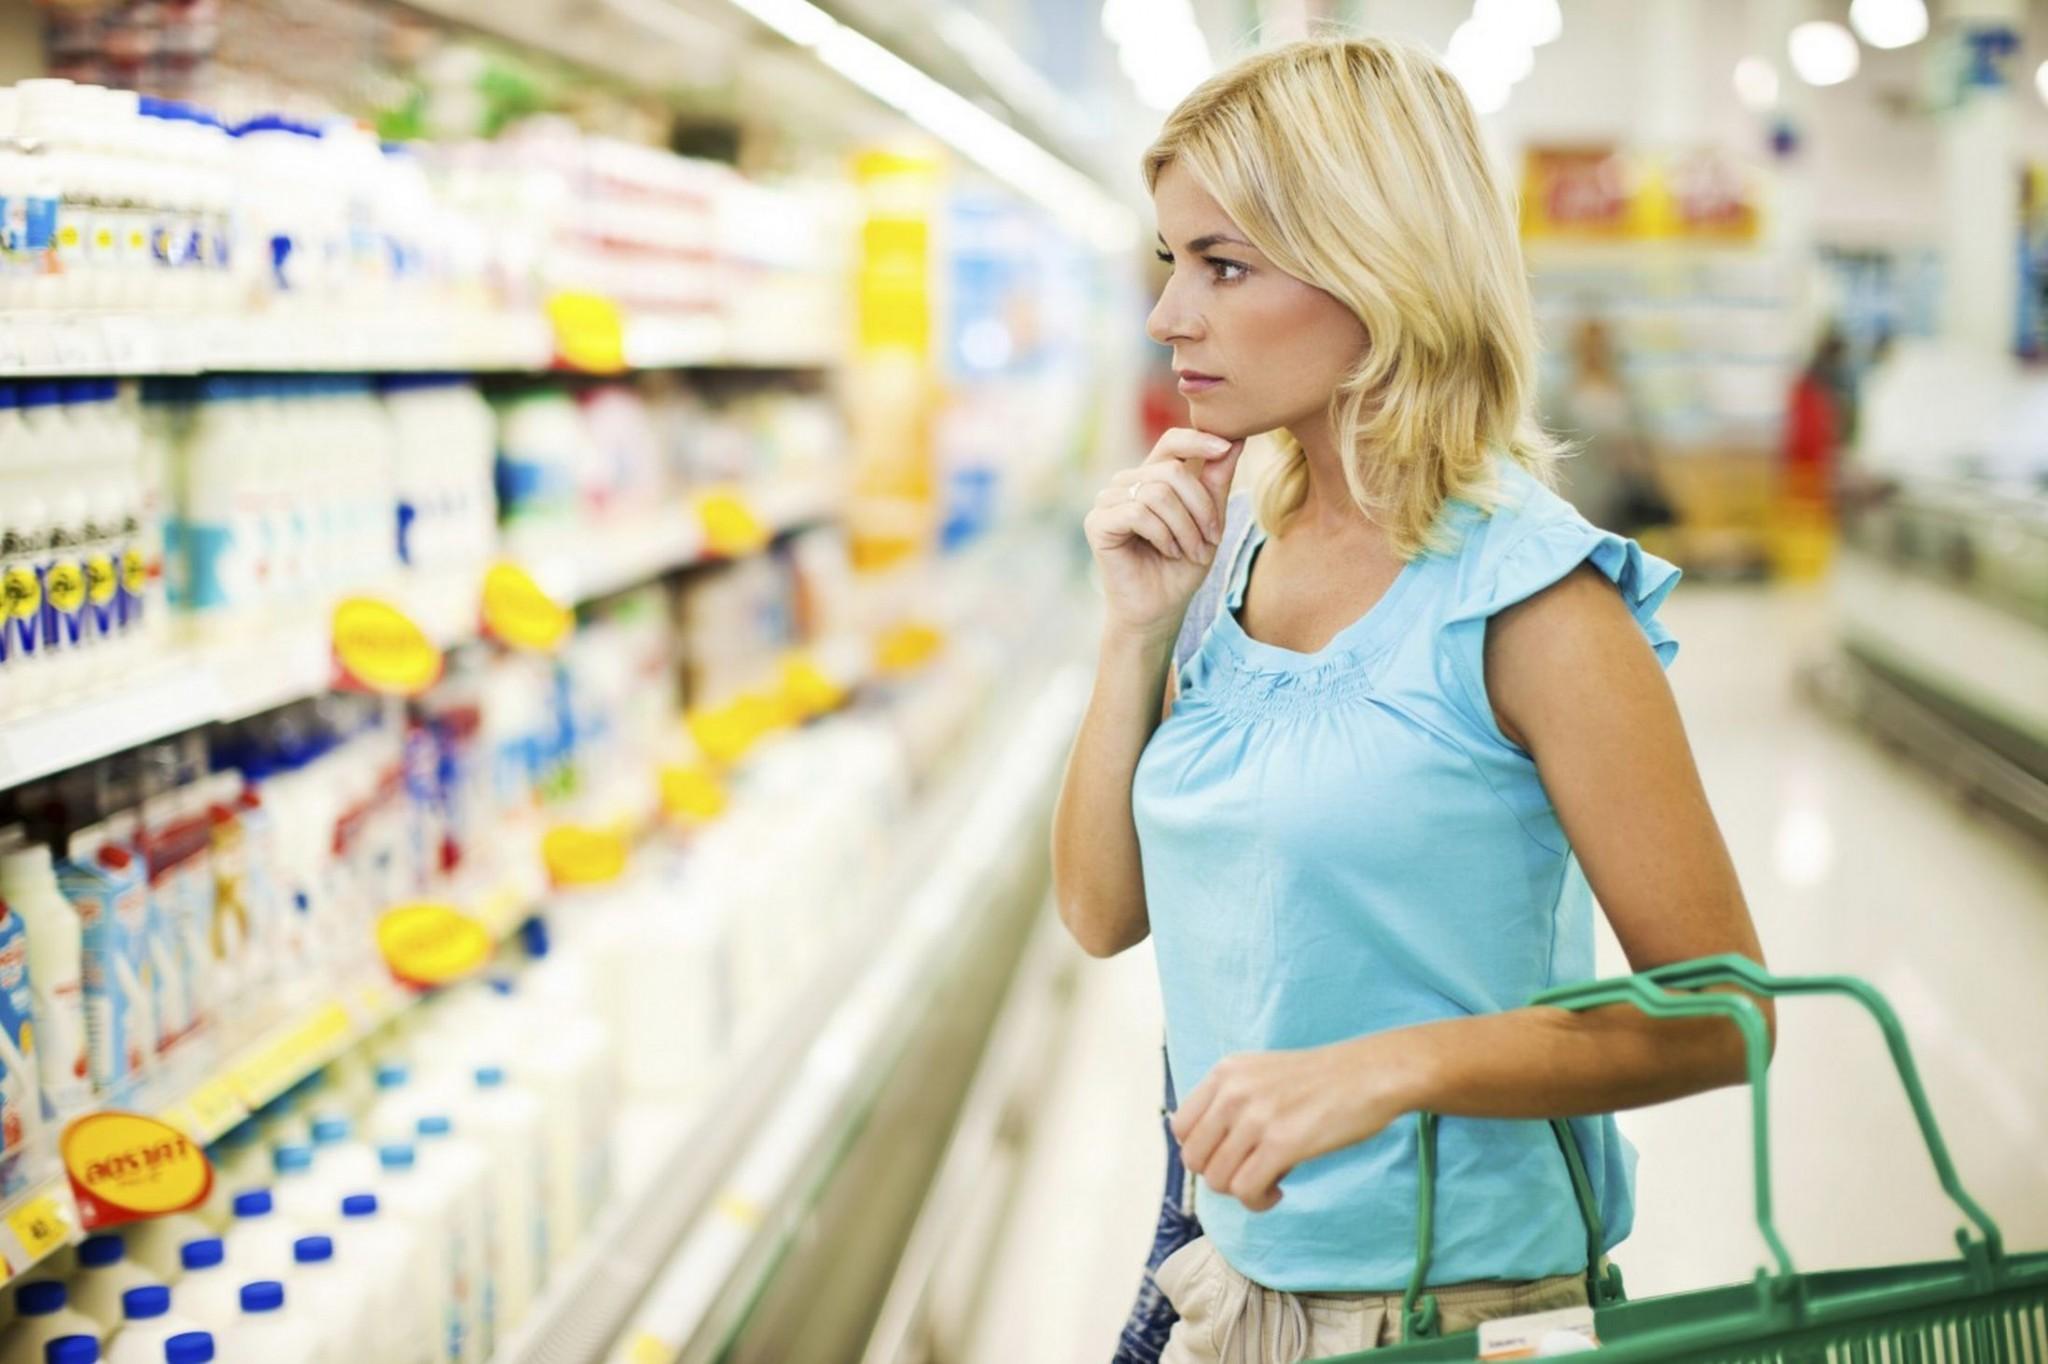 Αποτέλεσμα εικόνας για woman in supermarket